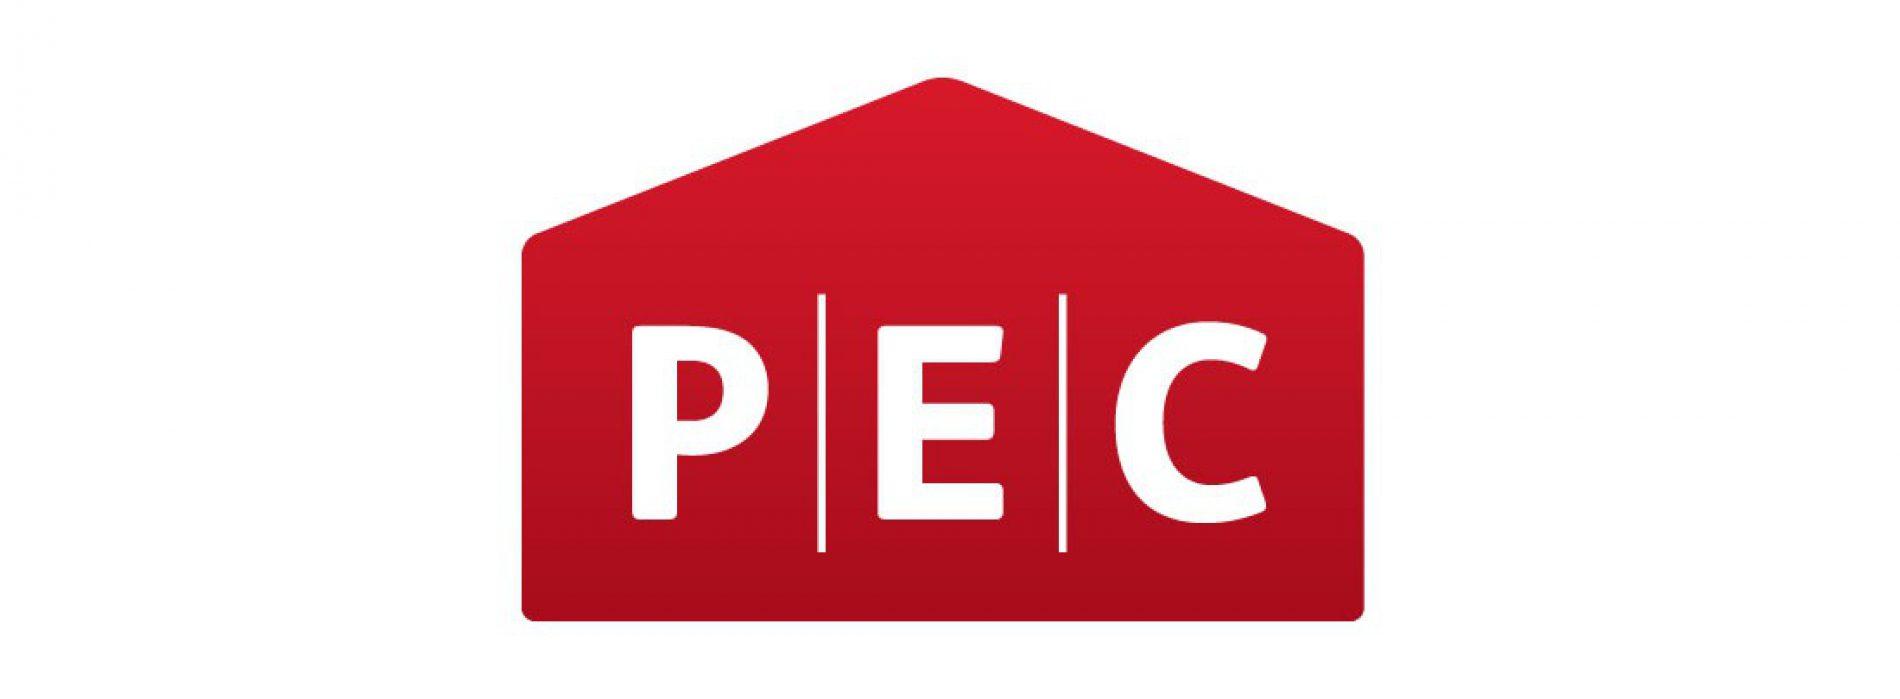 PEC professionisti: sarà obbligatoria per le comunicazioni con la PA